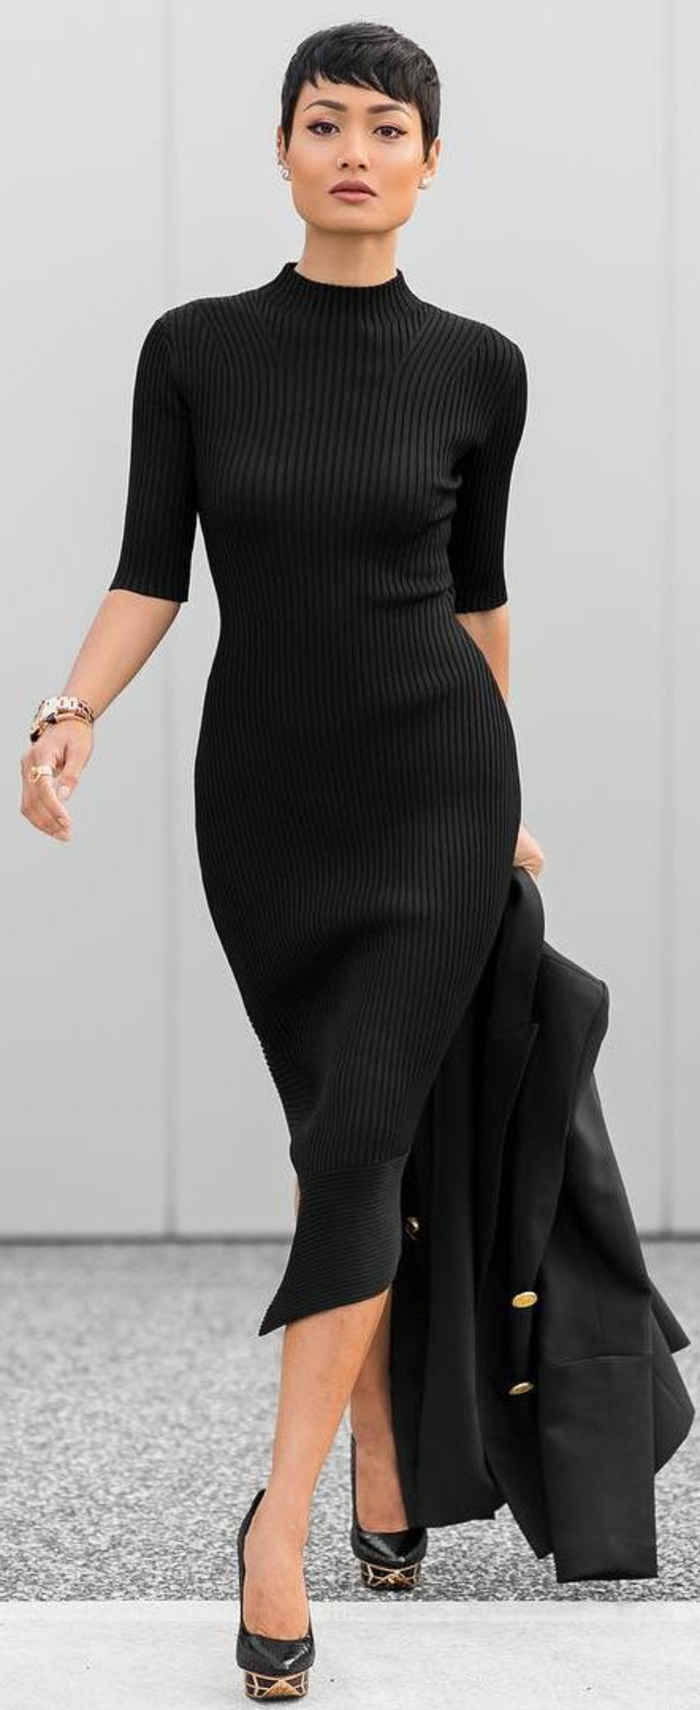 1001 id es pour une tenue chic des looks pour les. Black Bedroom Furniture Sets. Home Design Ideas